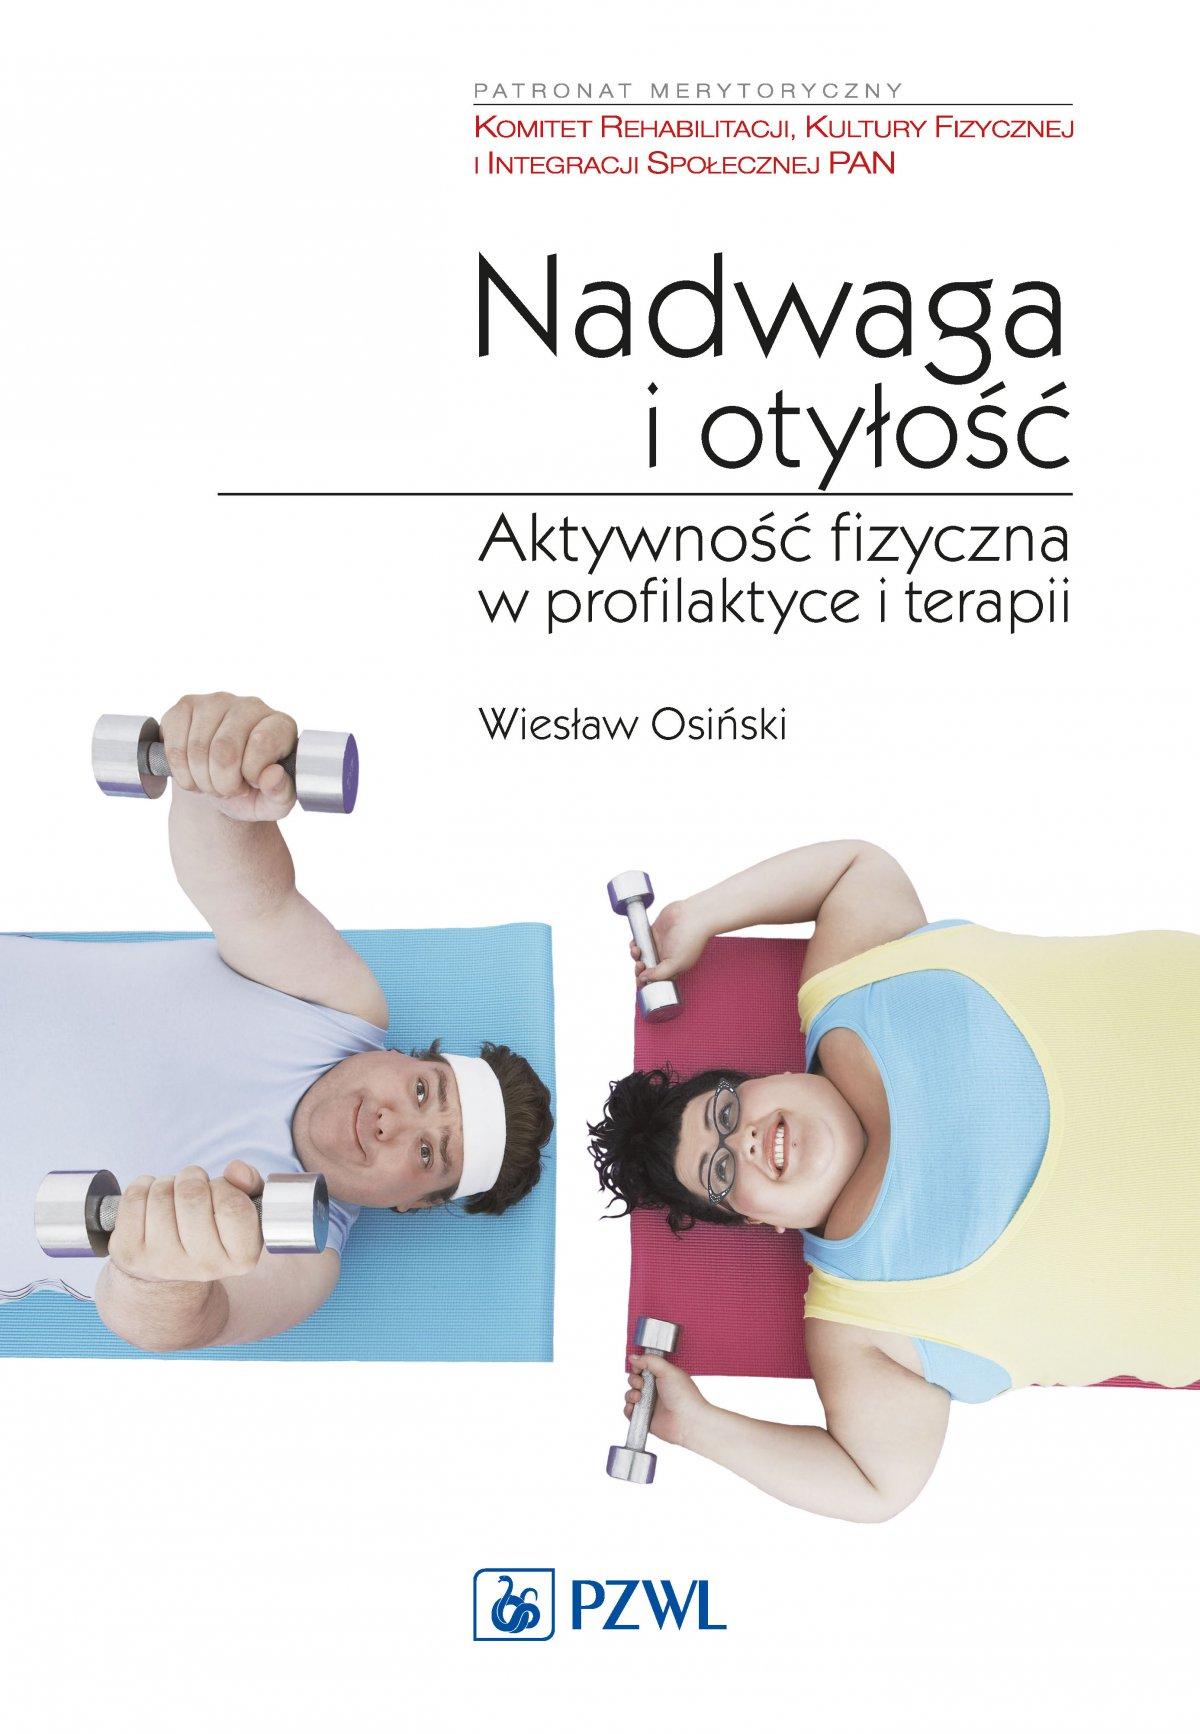 Nadwaga i otyłość. Aktywność fizyczna w profilaktyce terapii - Ebook (Książka na Kindle) do pobrania w formacie MOBI